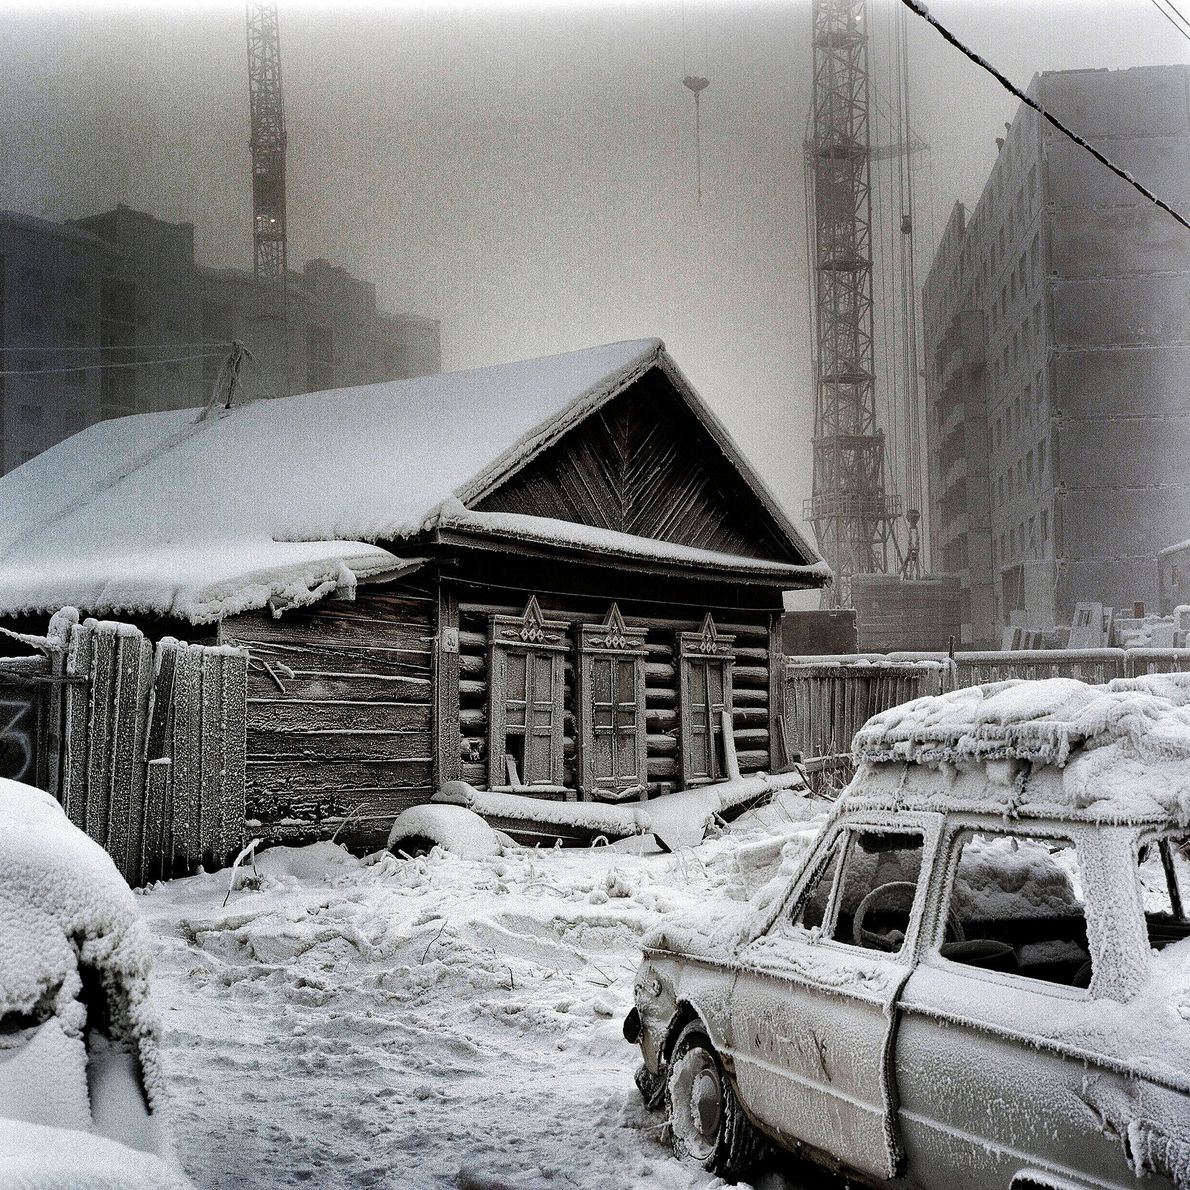 Una casa de madera tradicional siberiana yuxtapuesta con una construcción más reciente. Pese al frío, la …